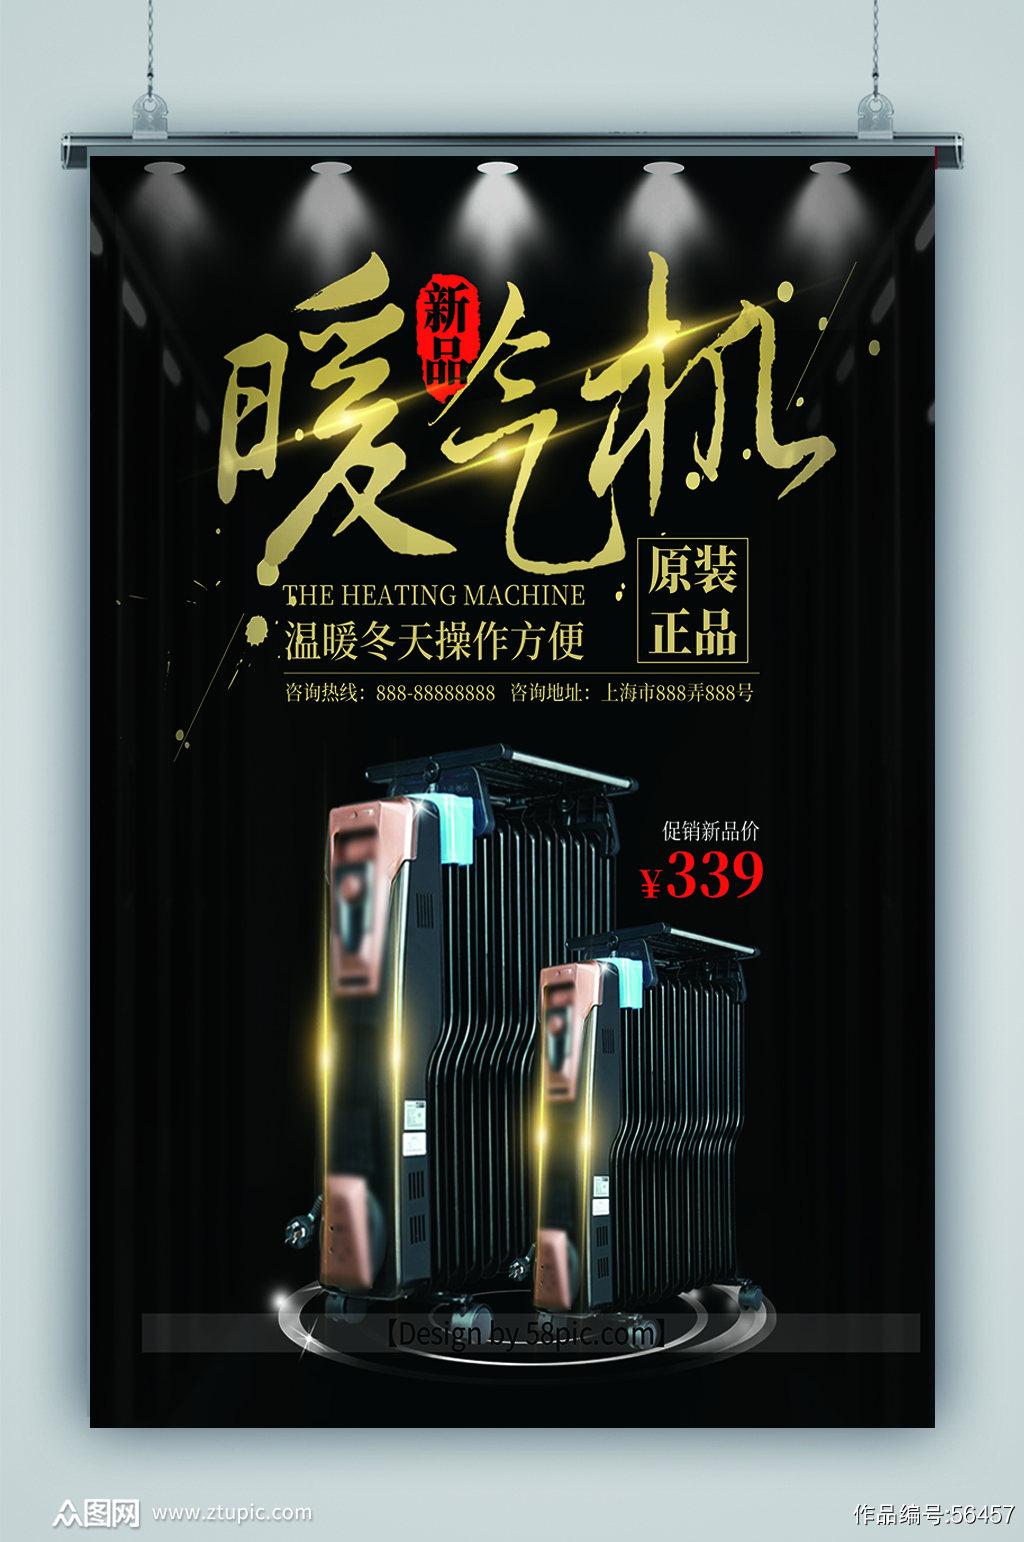 黑色大气电器促销海报素材